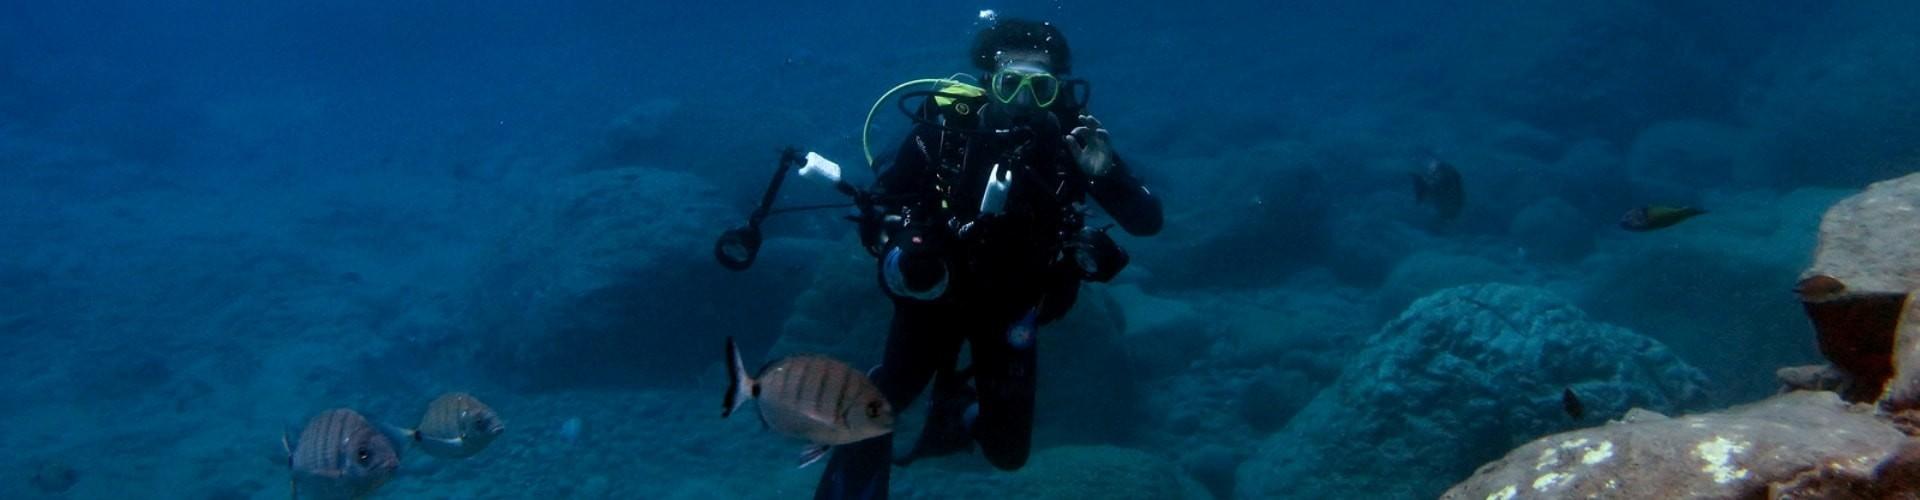 Atividades no Oceano na Ilha da Madeira